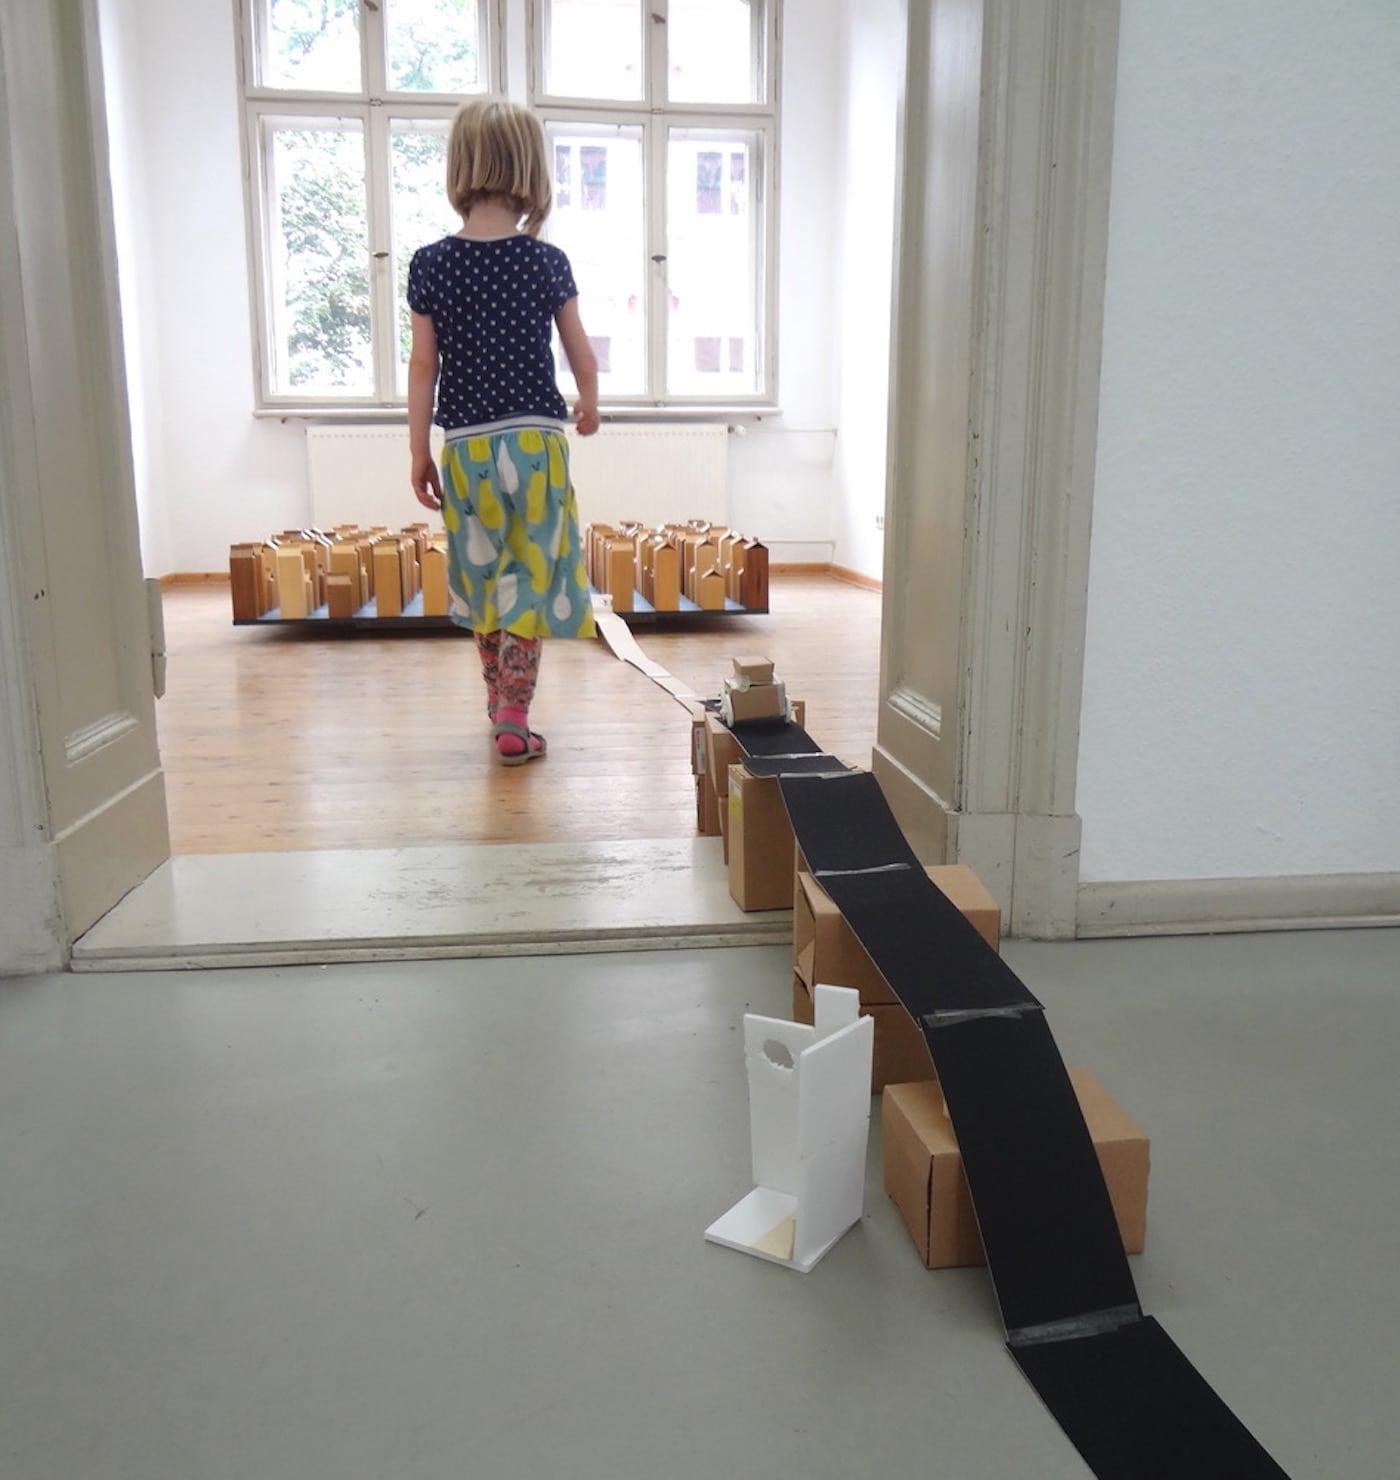 Kunst-Workshop für Kinder und Jugendliche in Berlin // HIMBEER